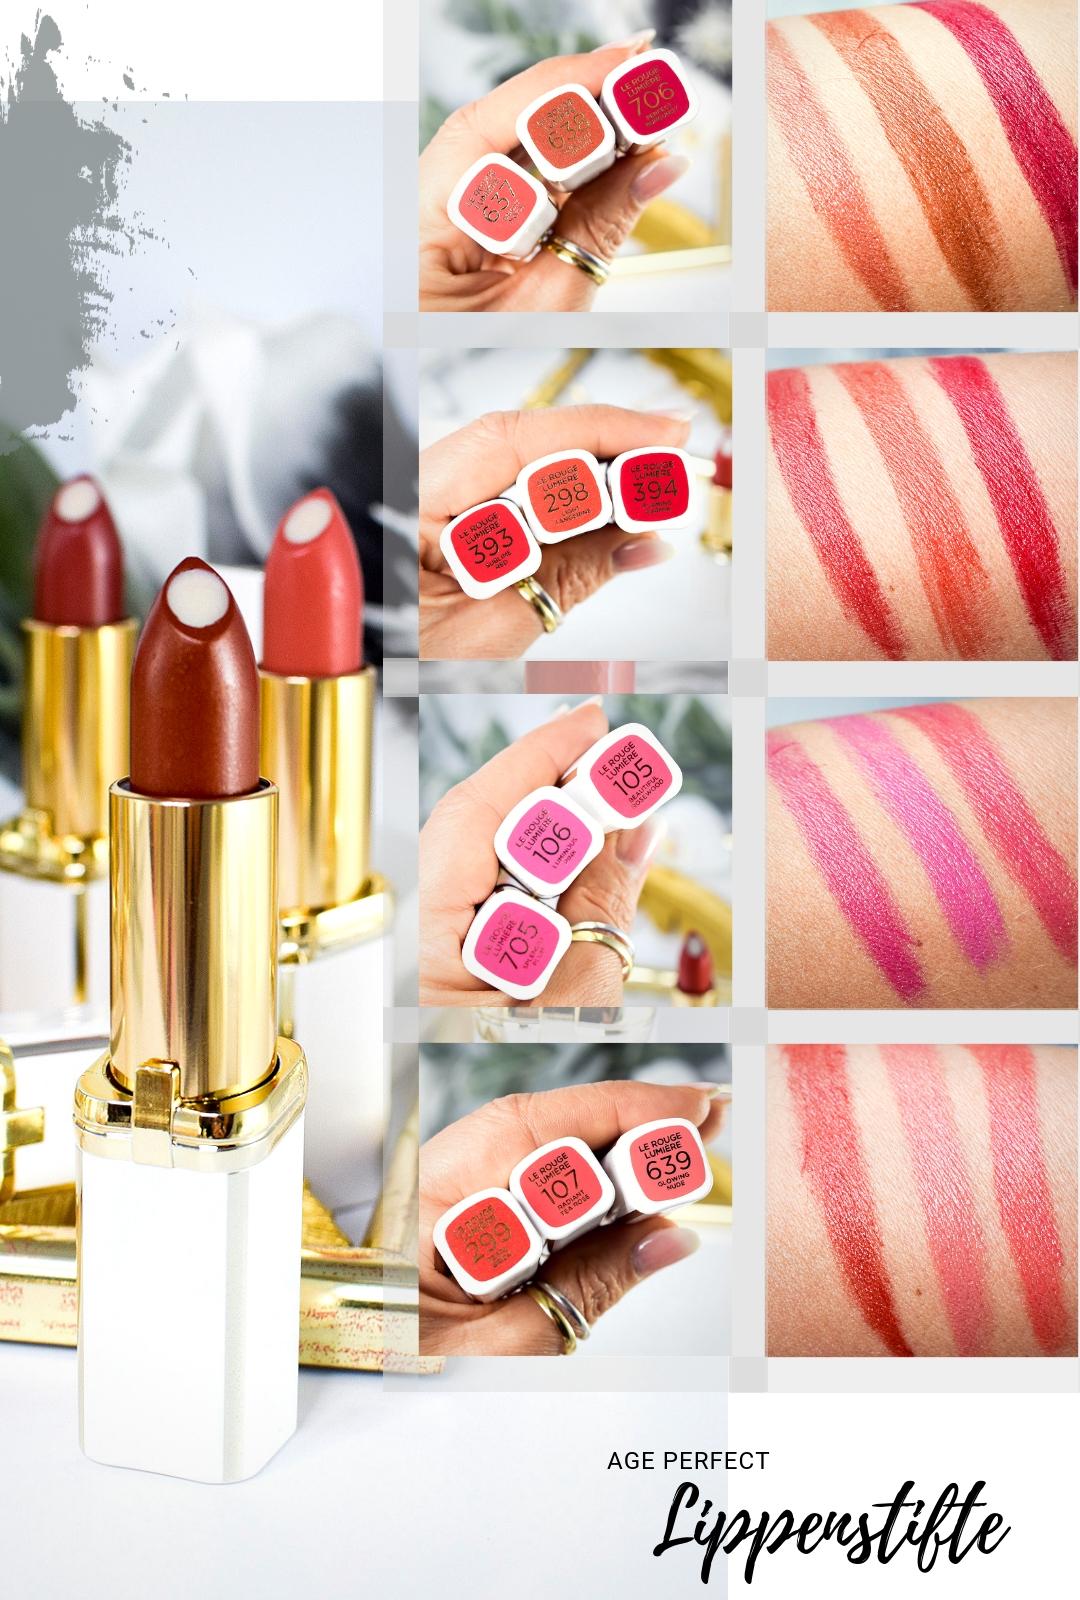 Übersicht und Test der L'Oréal Age Perfect Lippenstifte